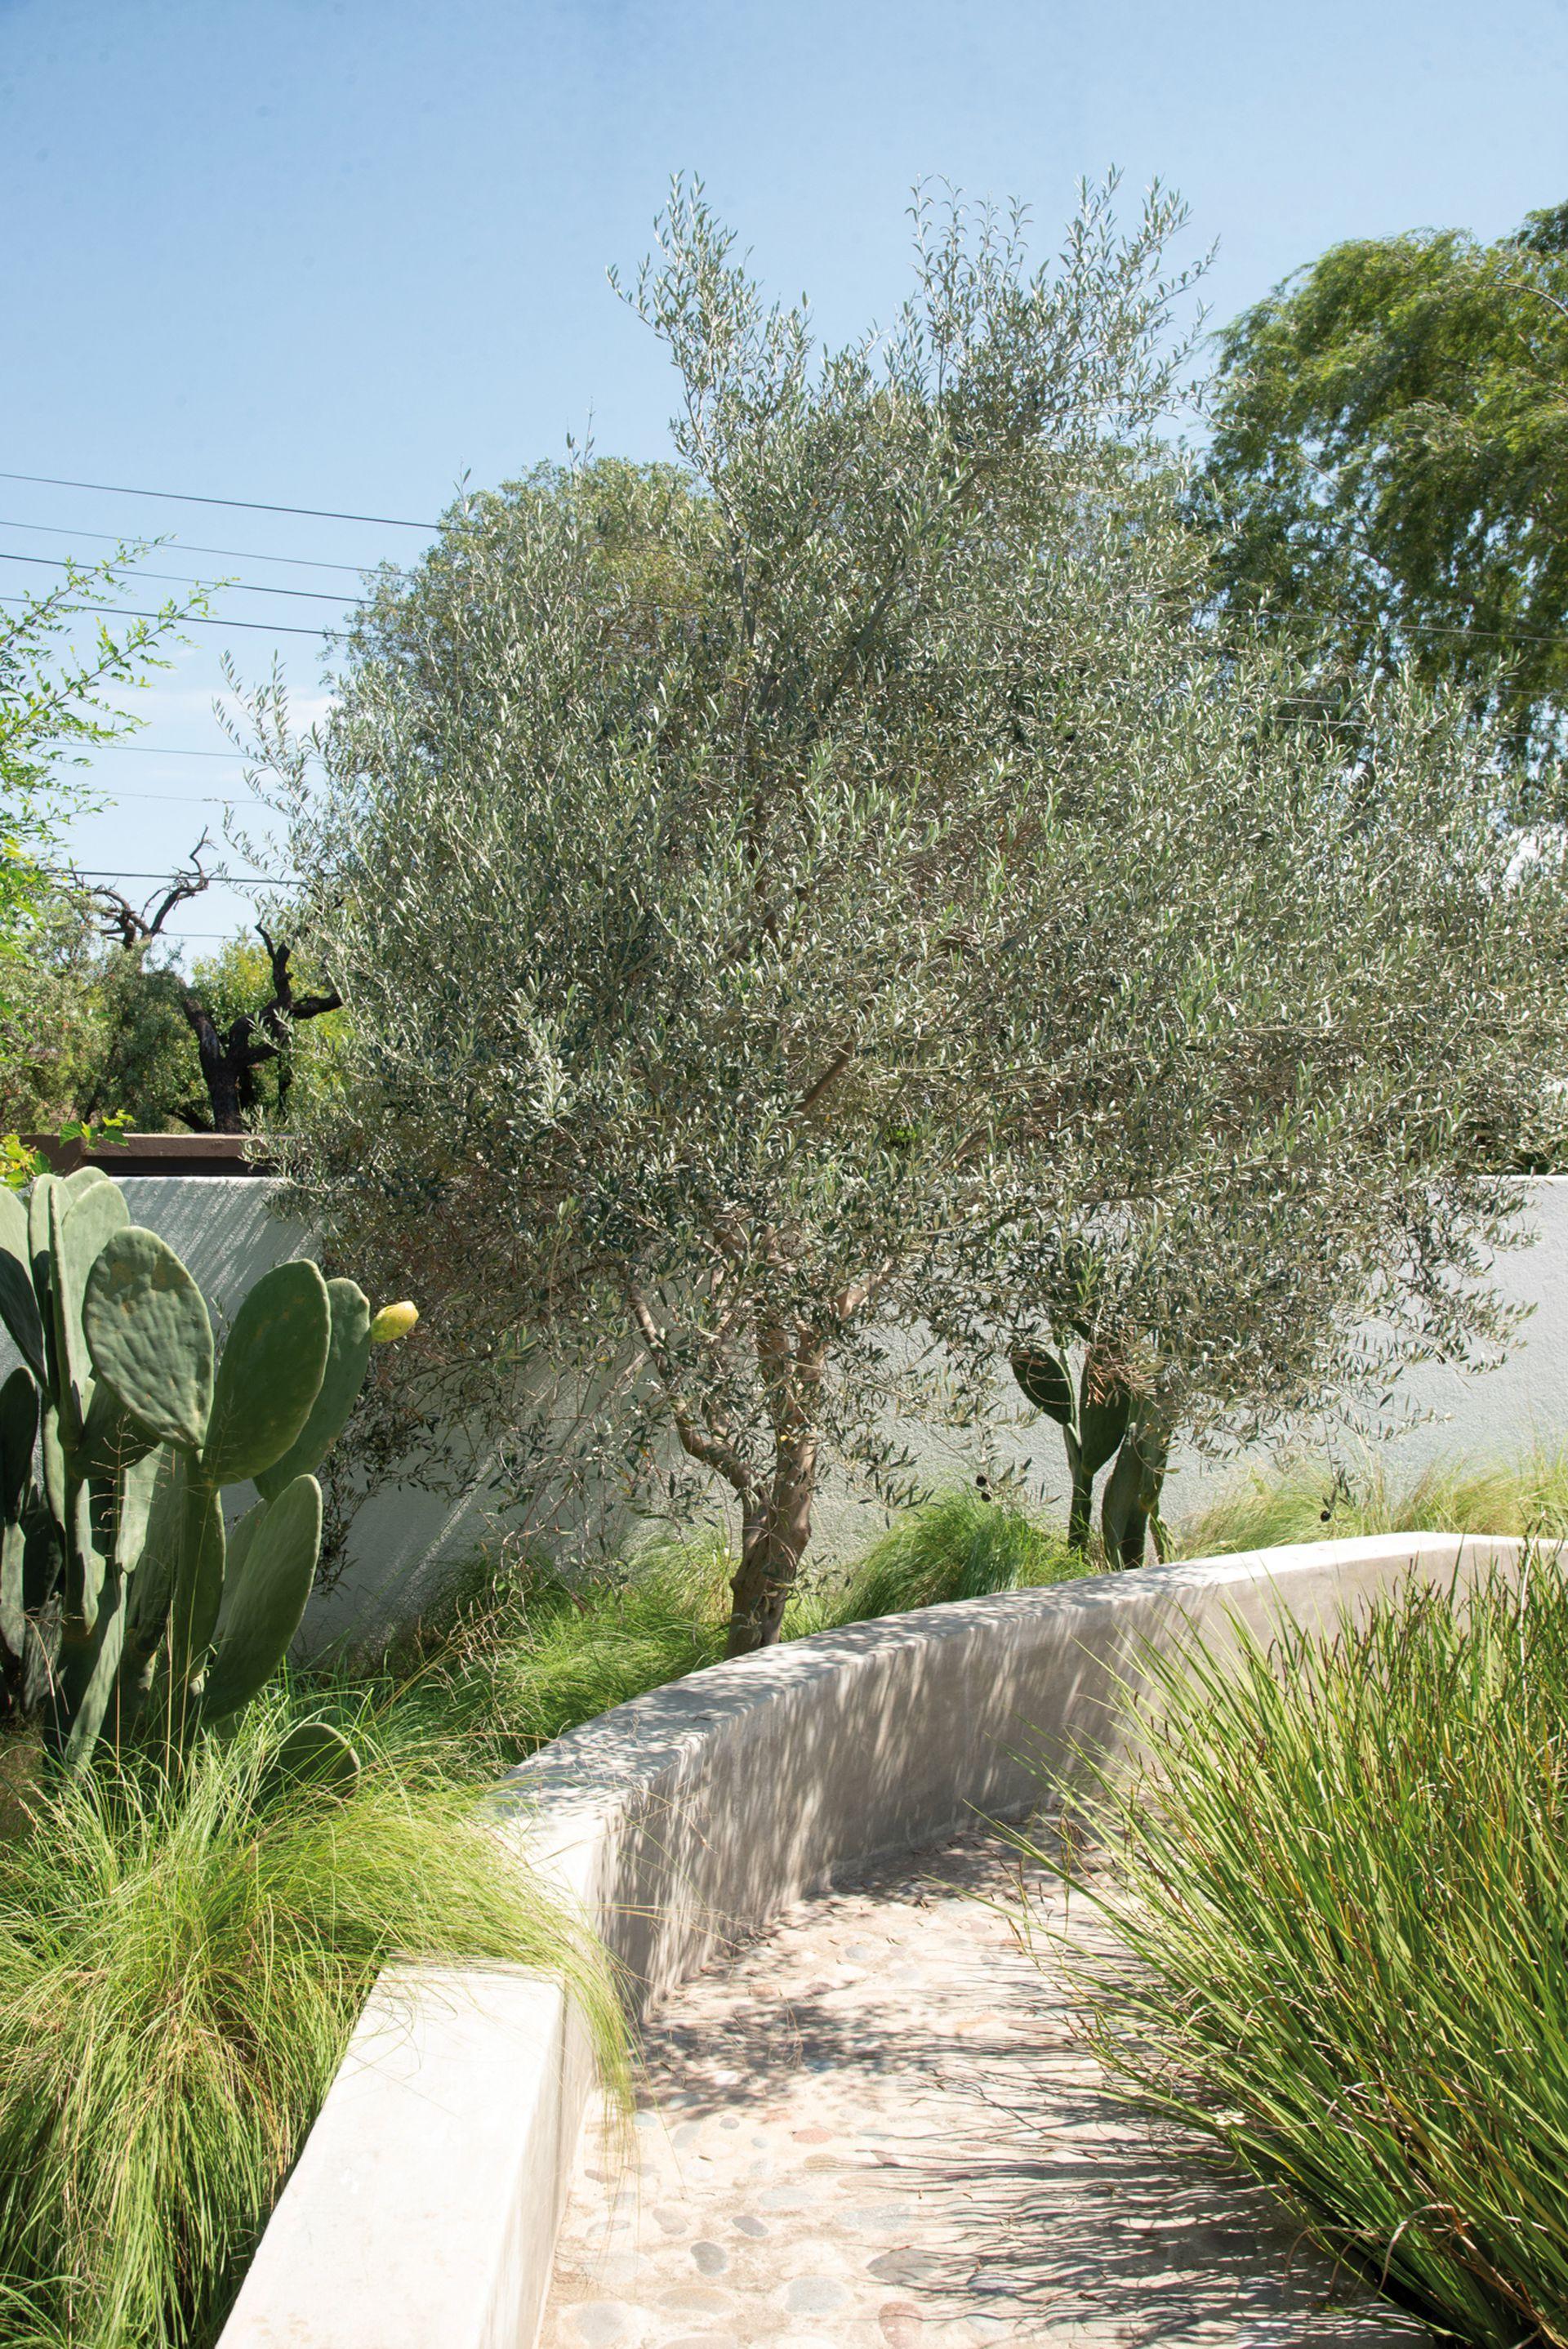 Una pared baja hace de banco y a su vez de límite, y contiene olivos que repiten la especie de entrada. Fuera de la casa, opuntias y gramíneas para reforzar el toque nativo.